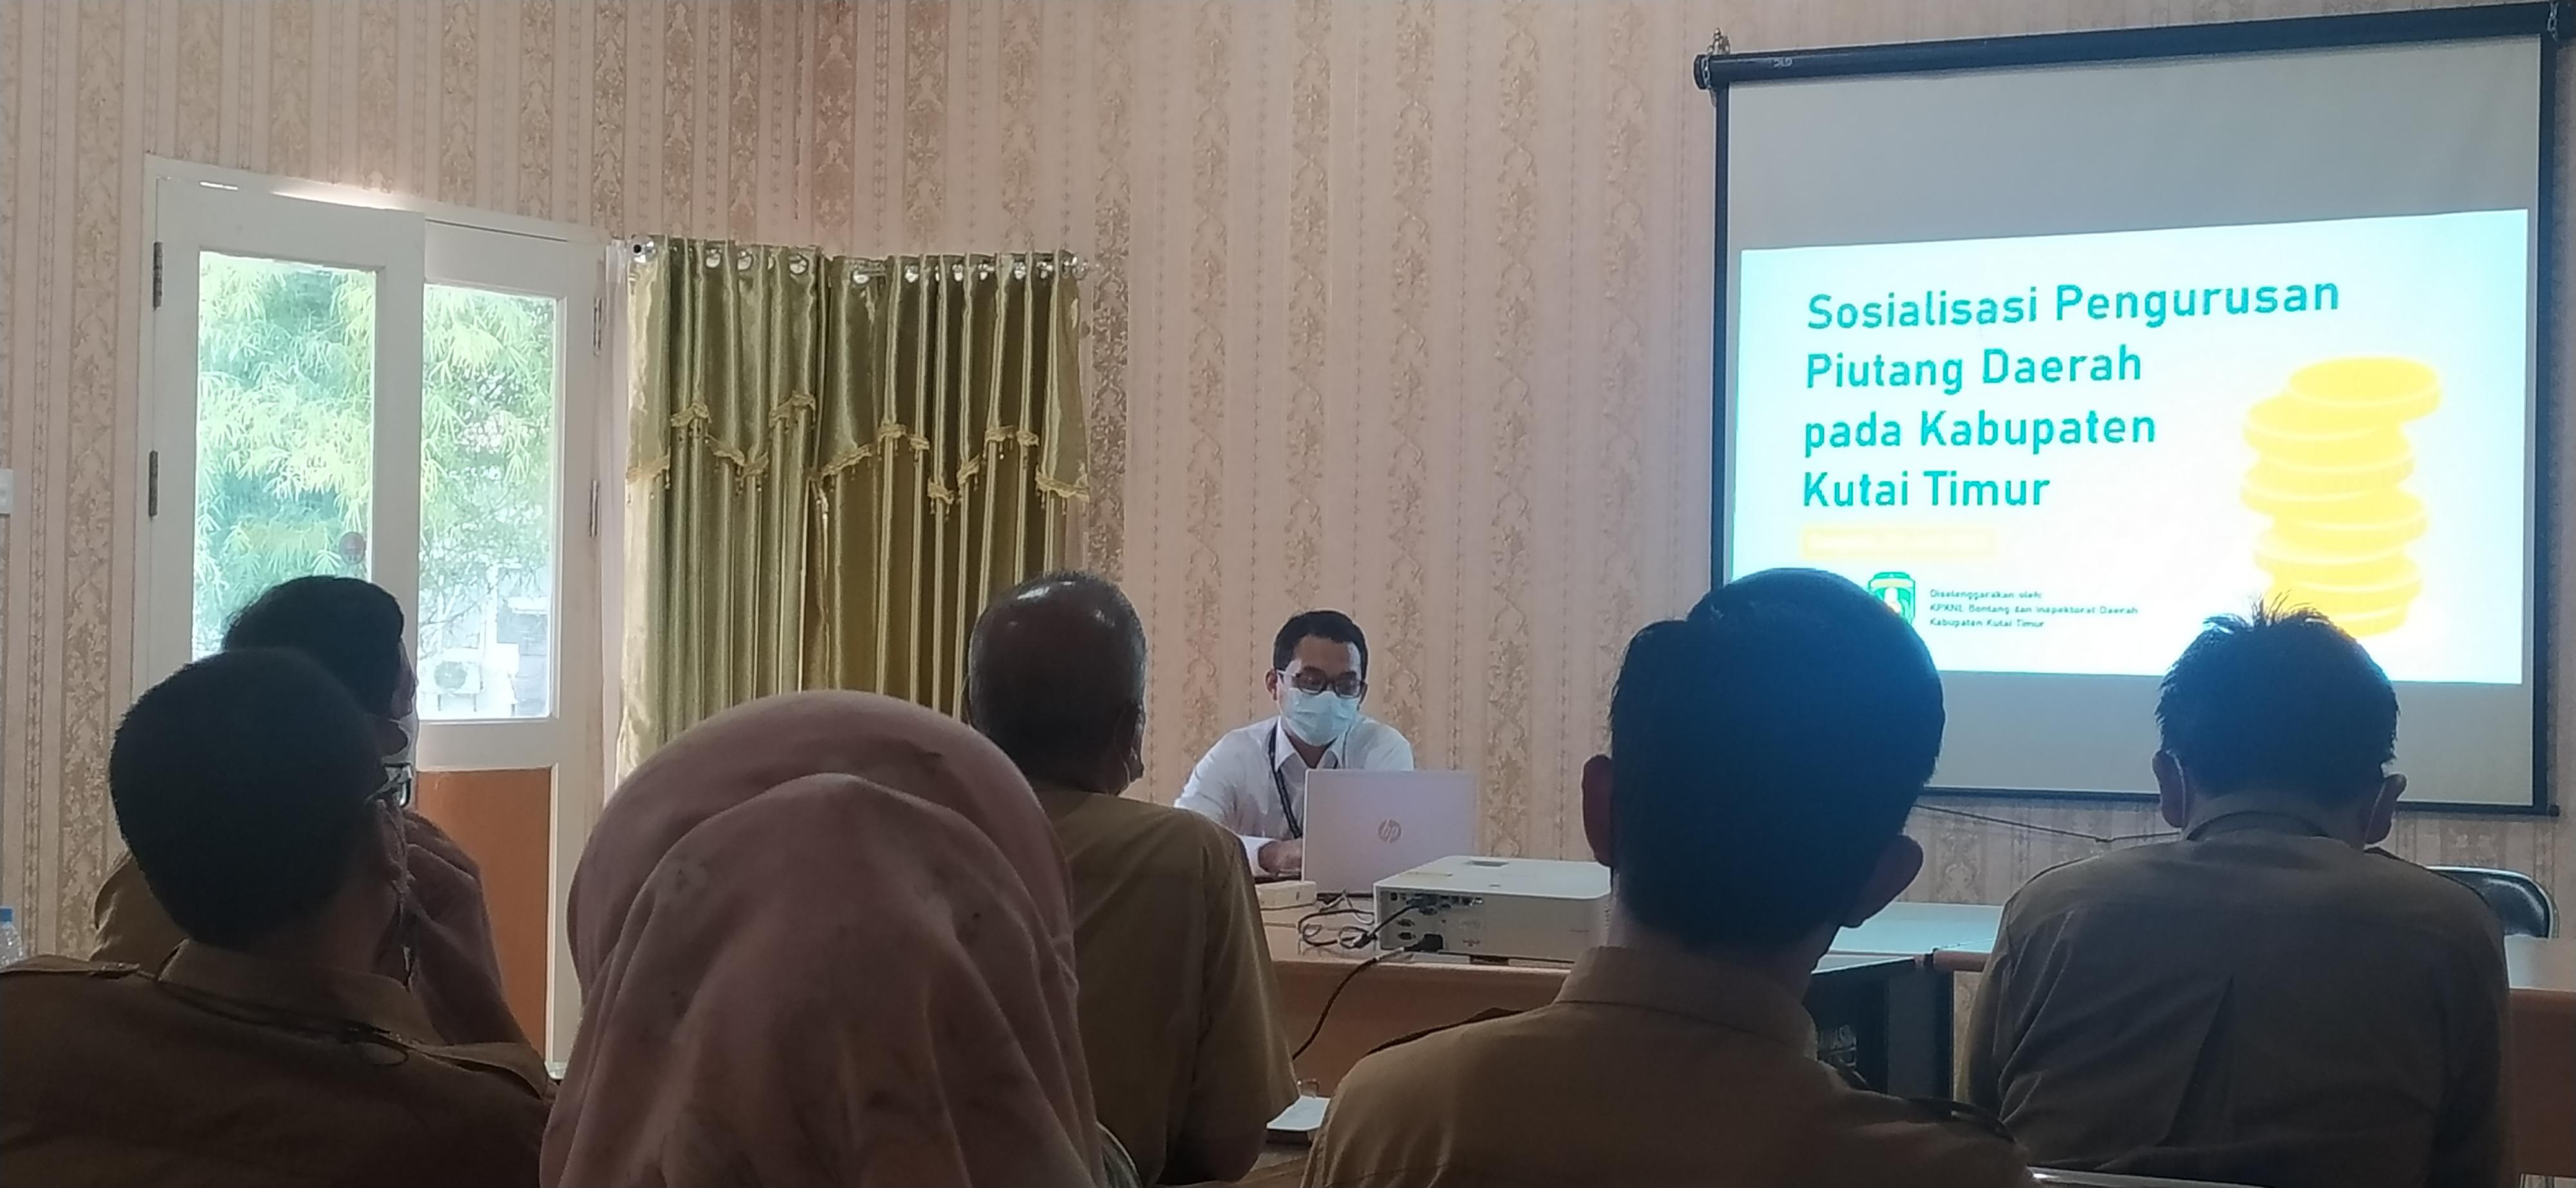 KPKNL Bontang Sosialisasikan Pengurusan Piutang Daerah di Lingkungan Pemkab Kutai Timur